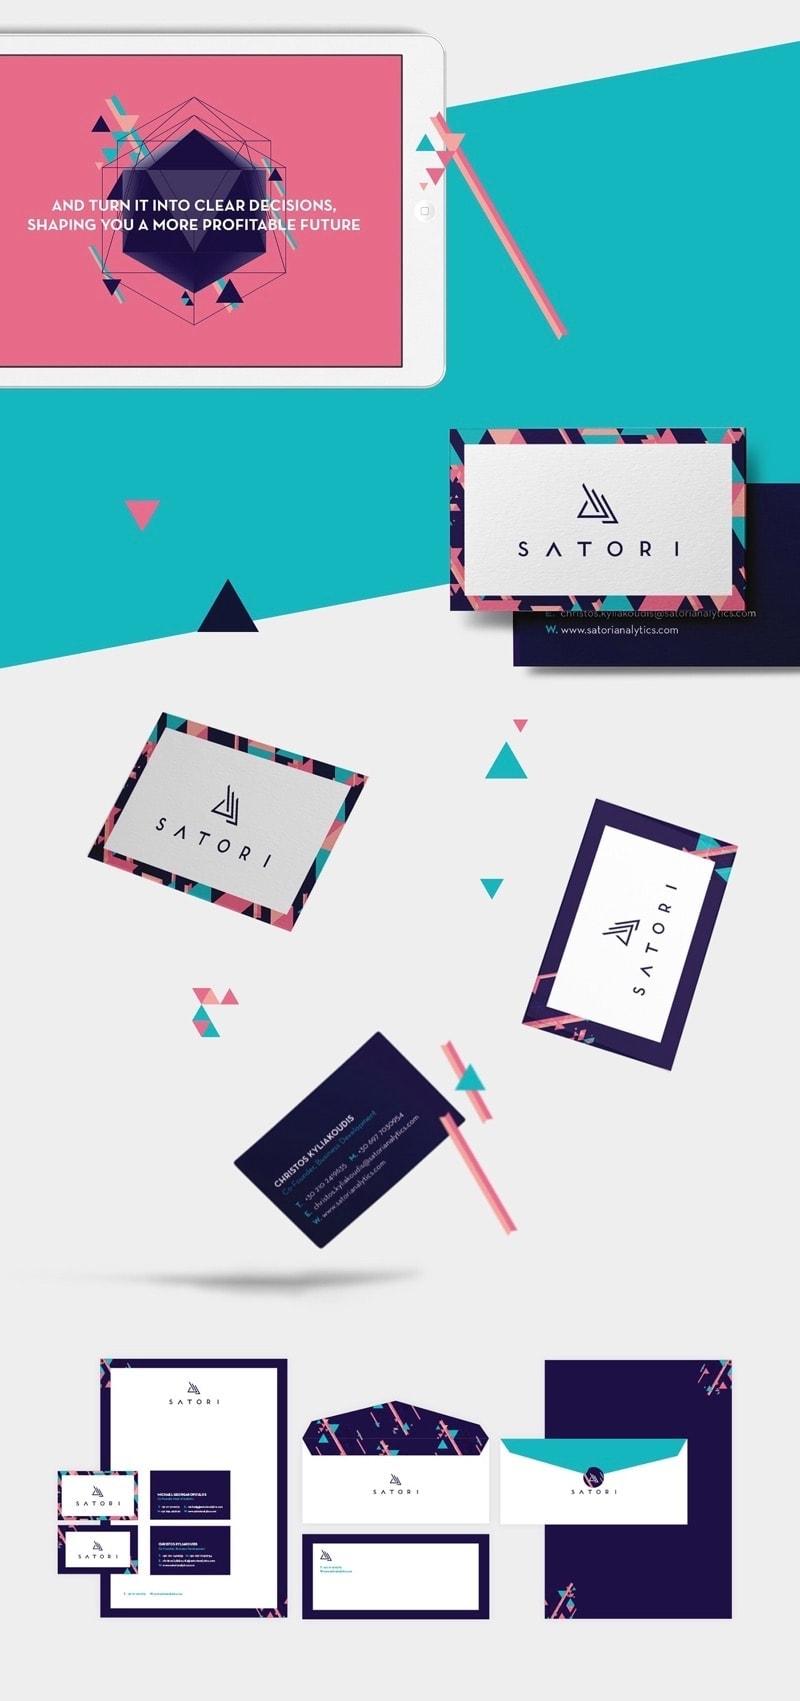 Brand-Identity-Design-Satori